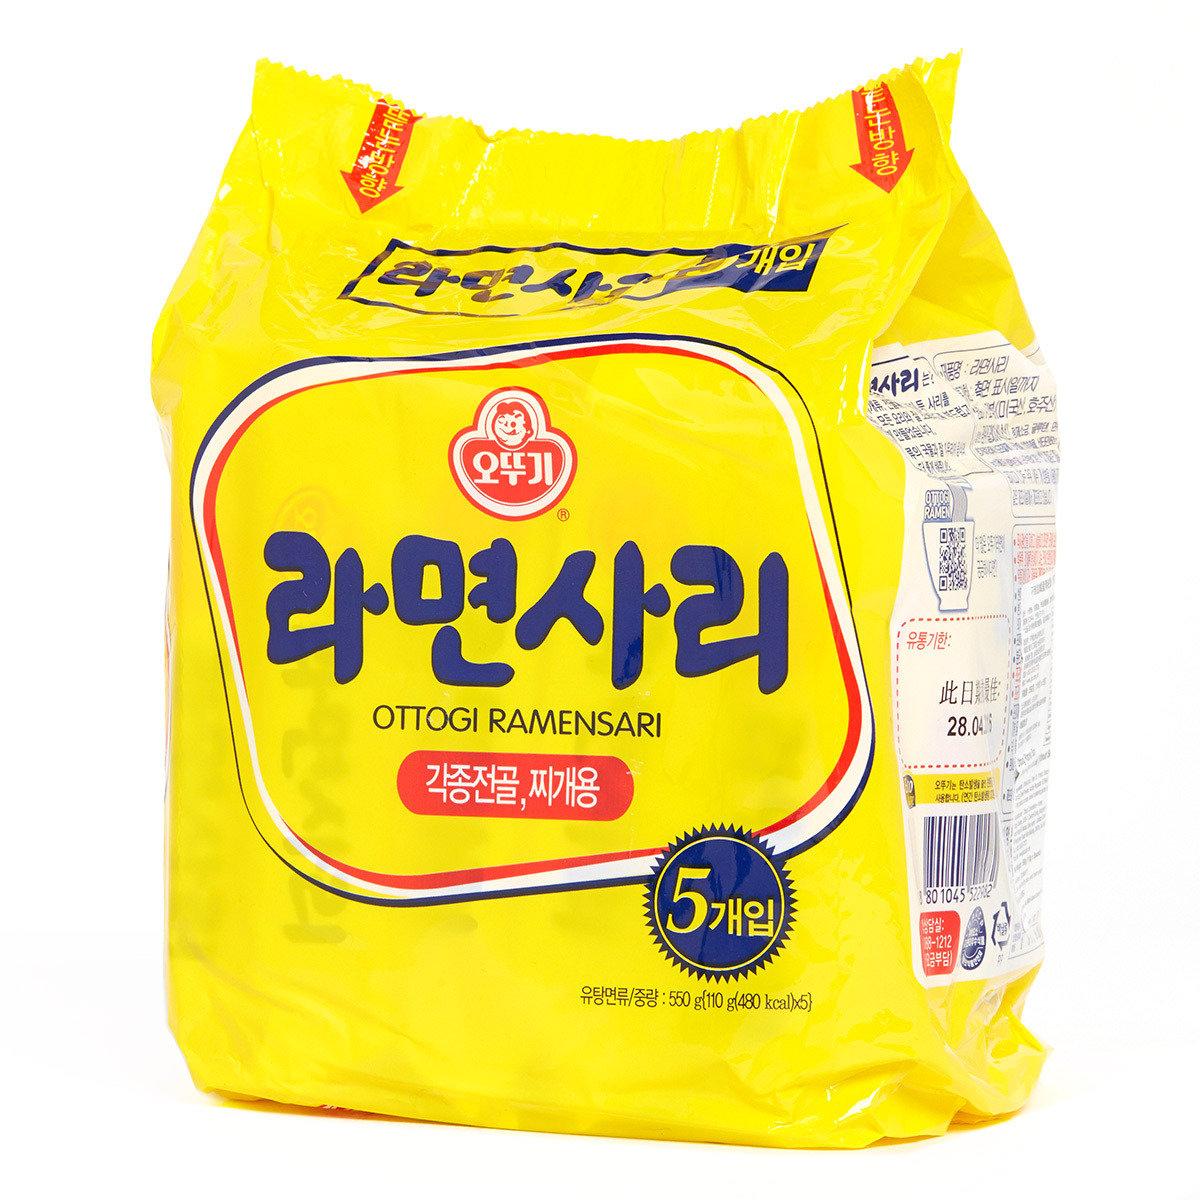 韓國傳統麵 - 無味包